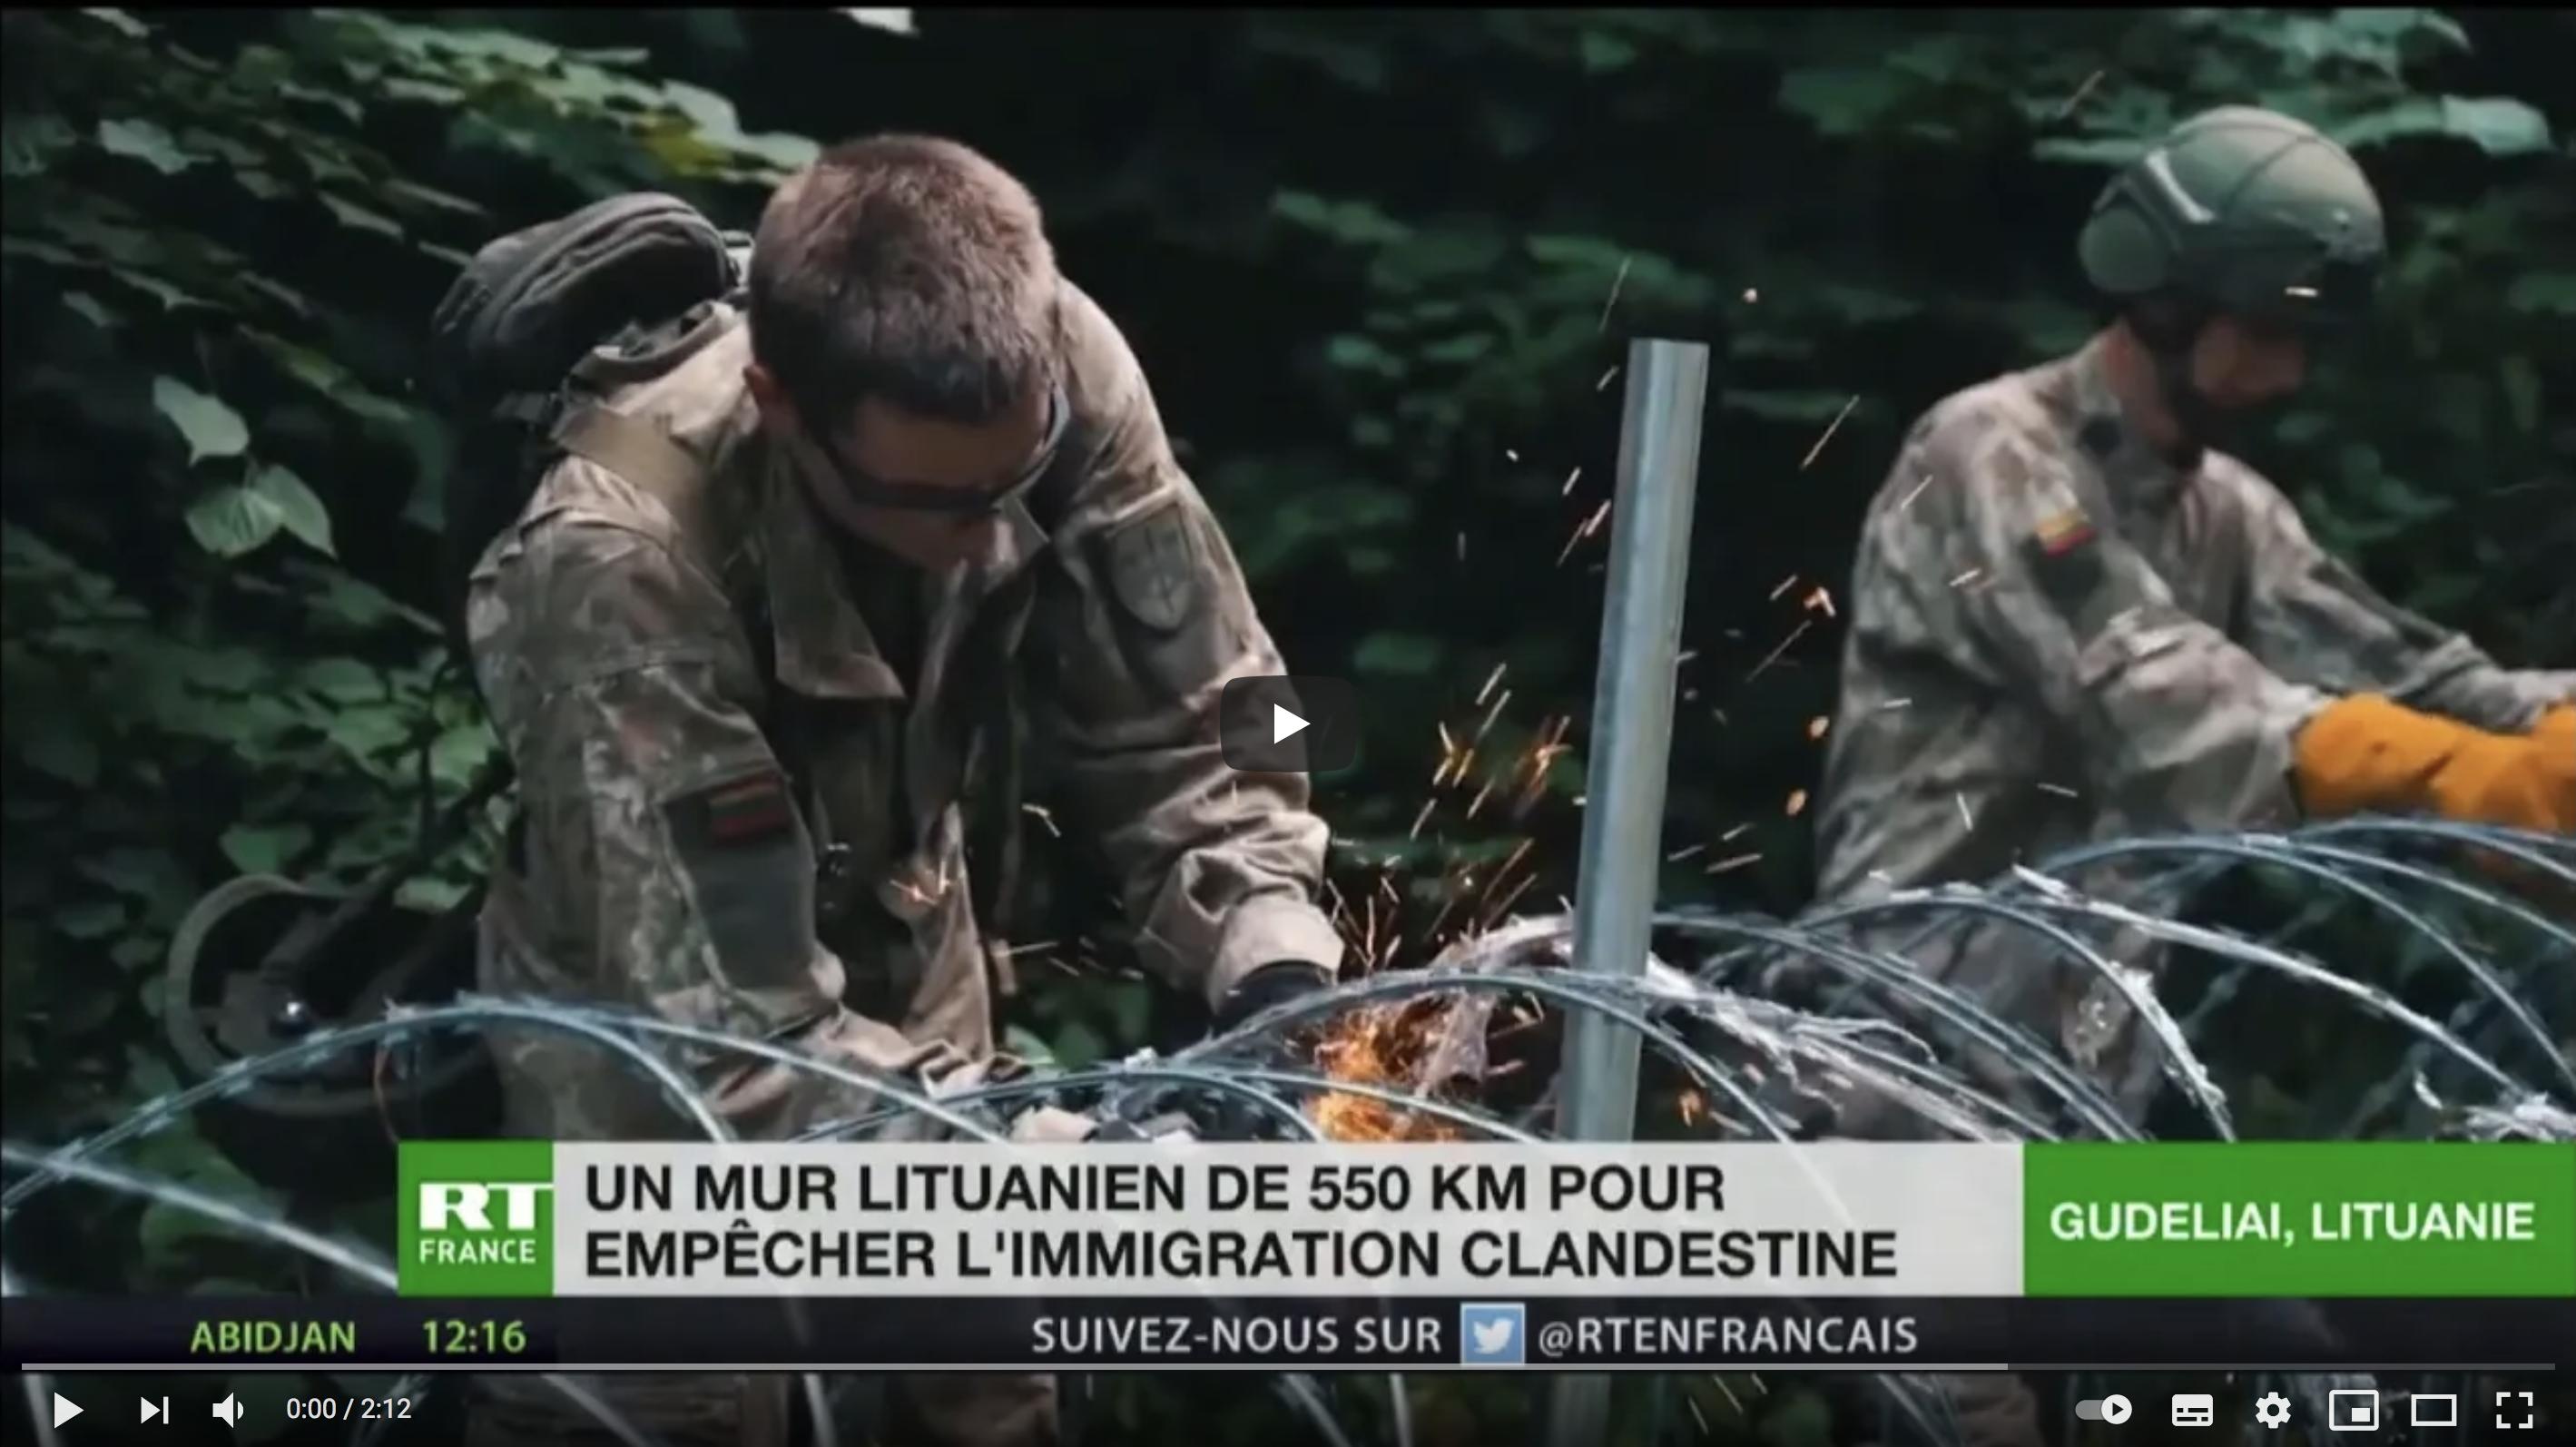 Face à l'afflux d'immigrés, la Lituanie va construire un mur le long de sa frontière (VIDÉO)